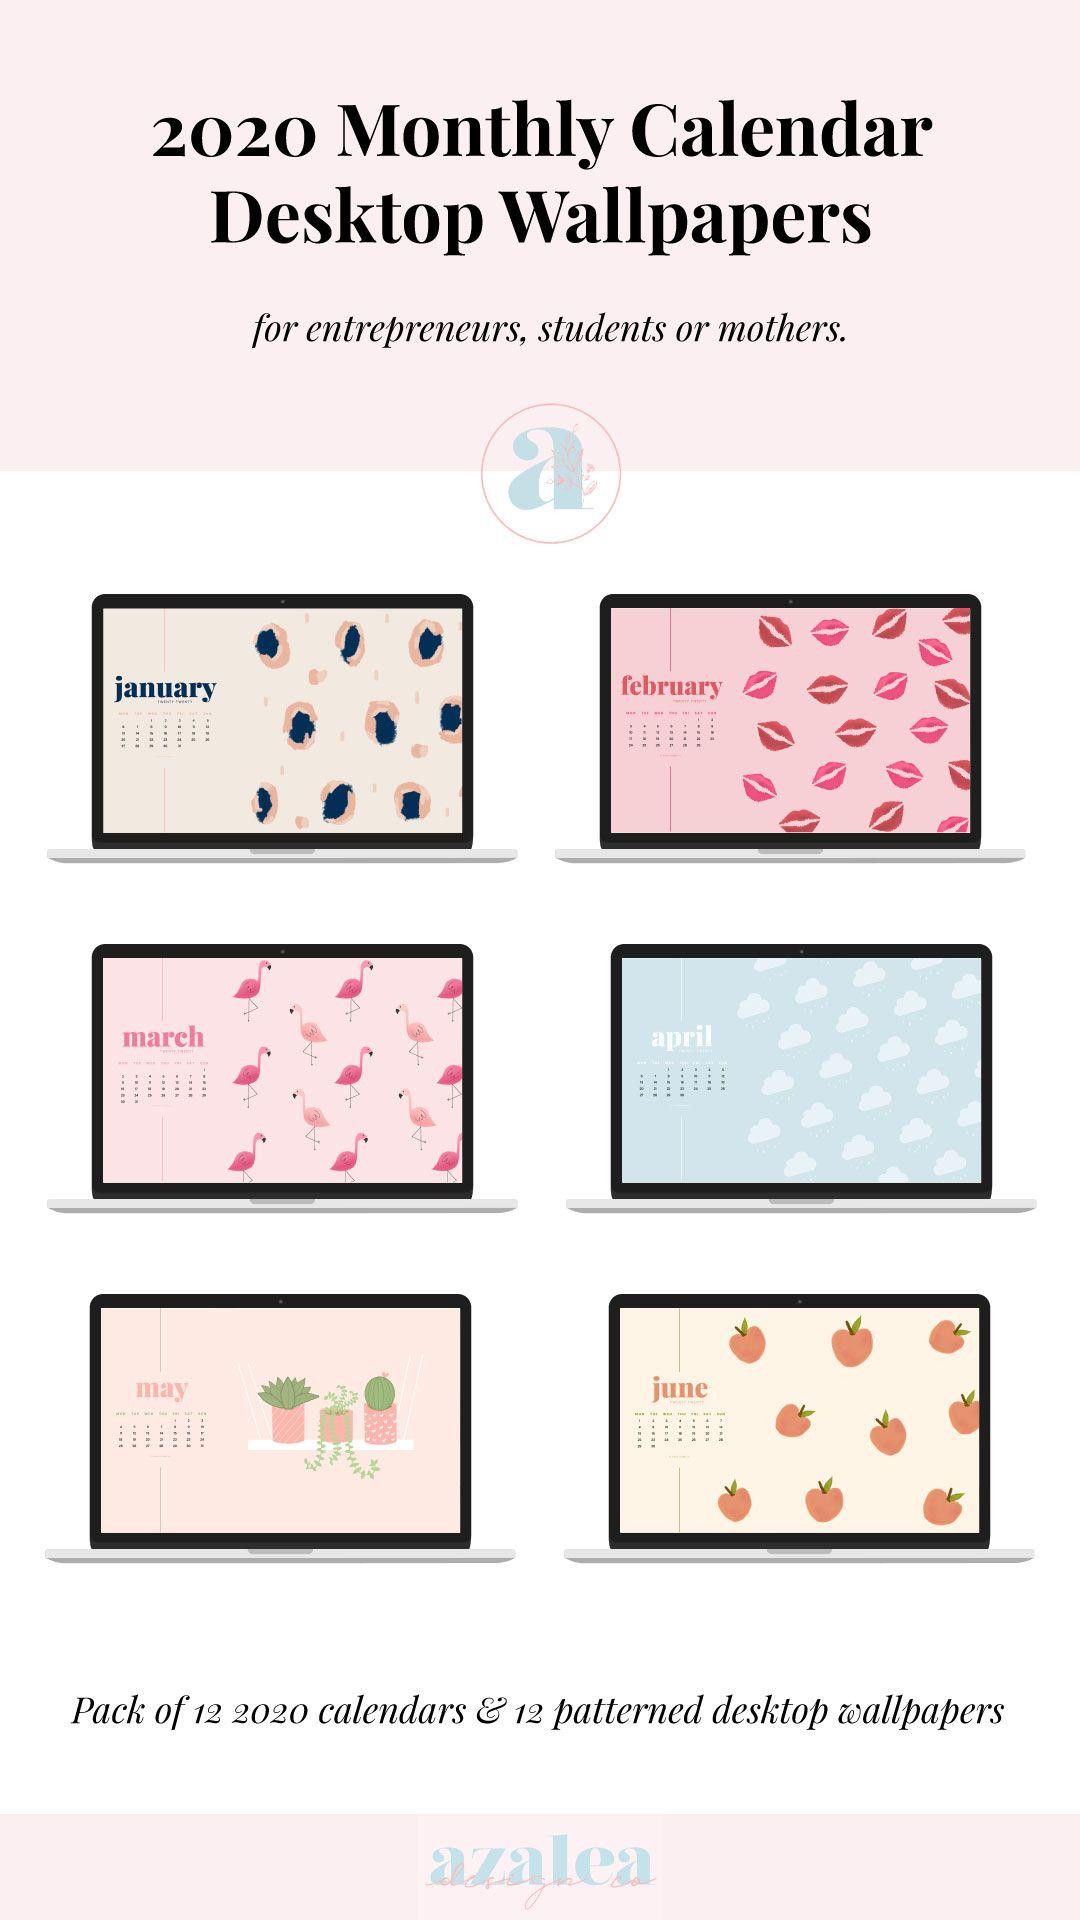 2021 Monthly Desktop Calendars Desktop Wallpaper Instant 1080x1920